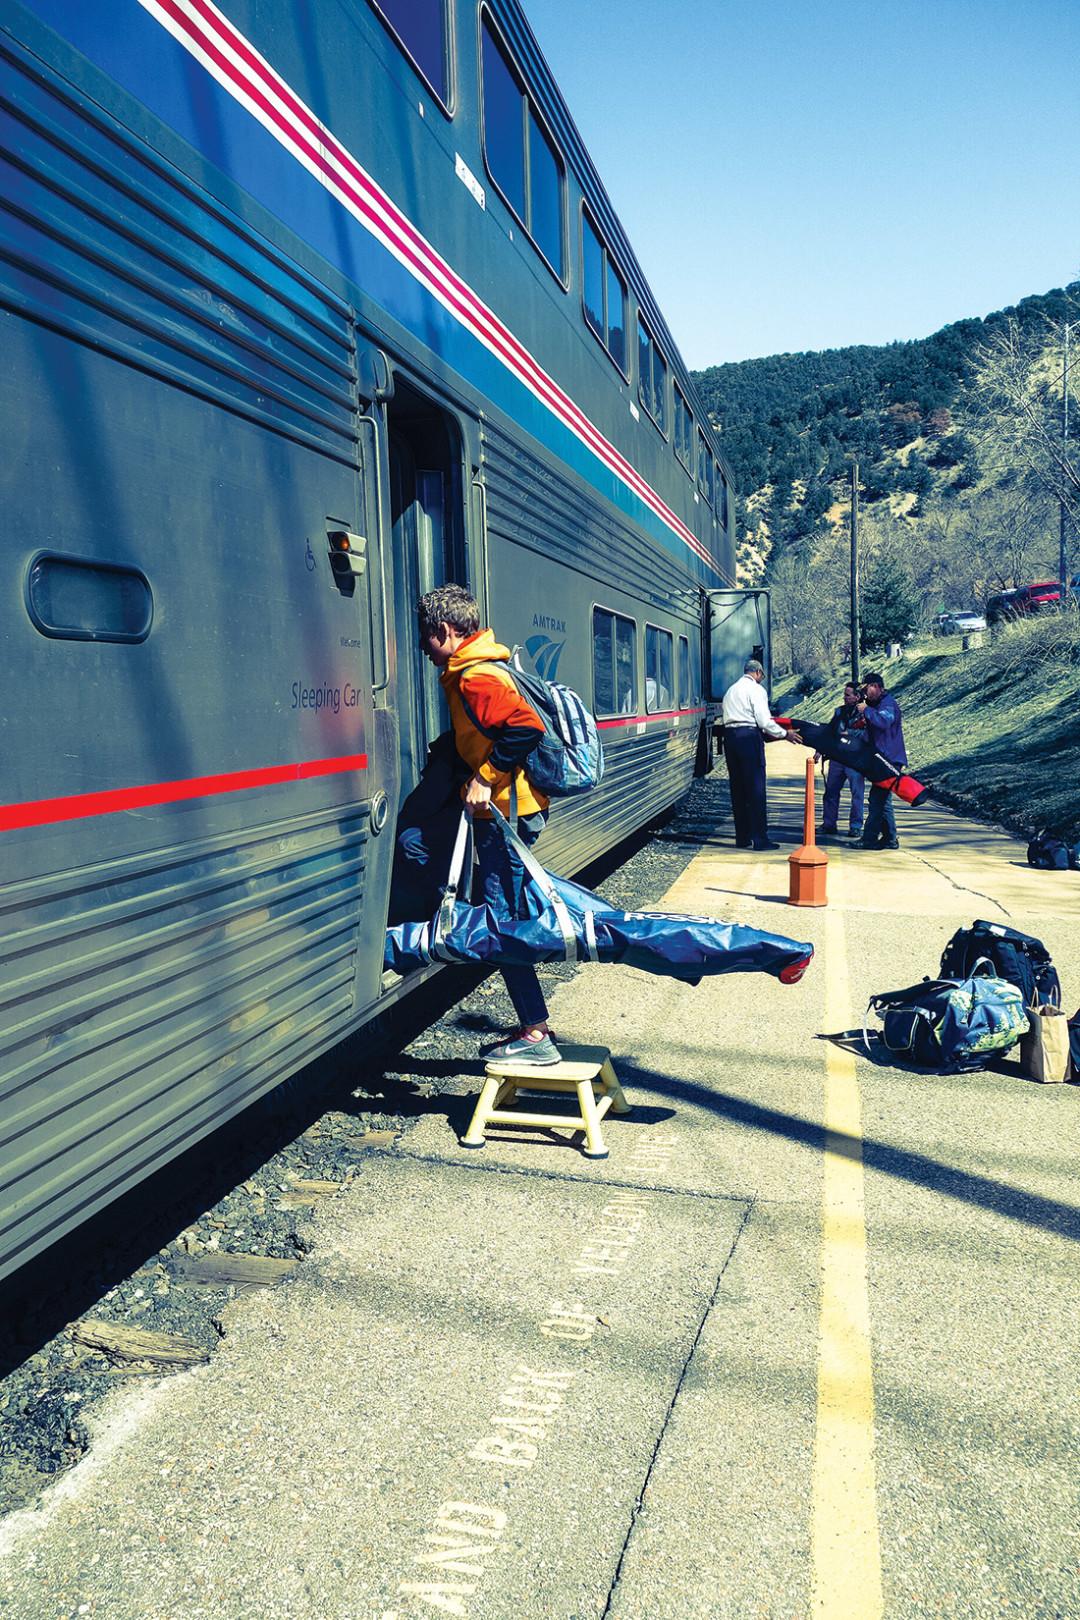 0215 three bum train lms8jc